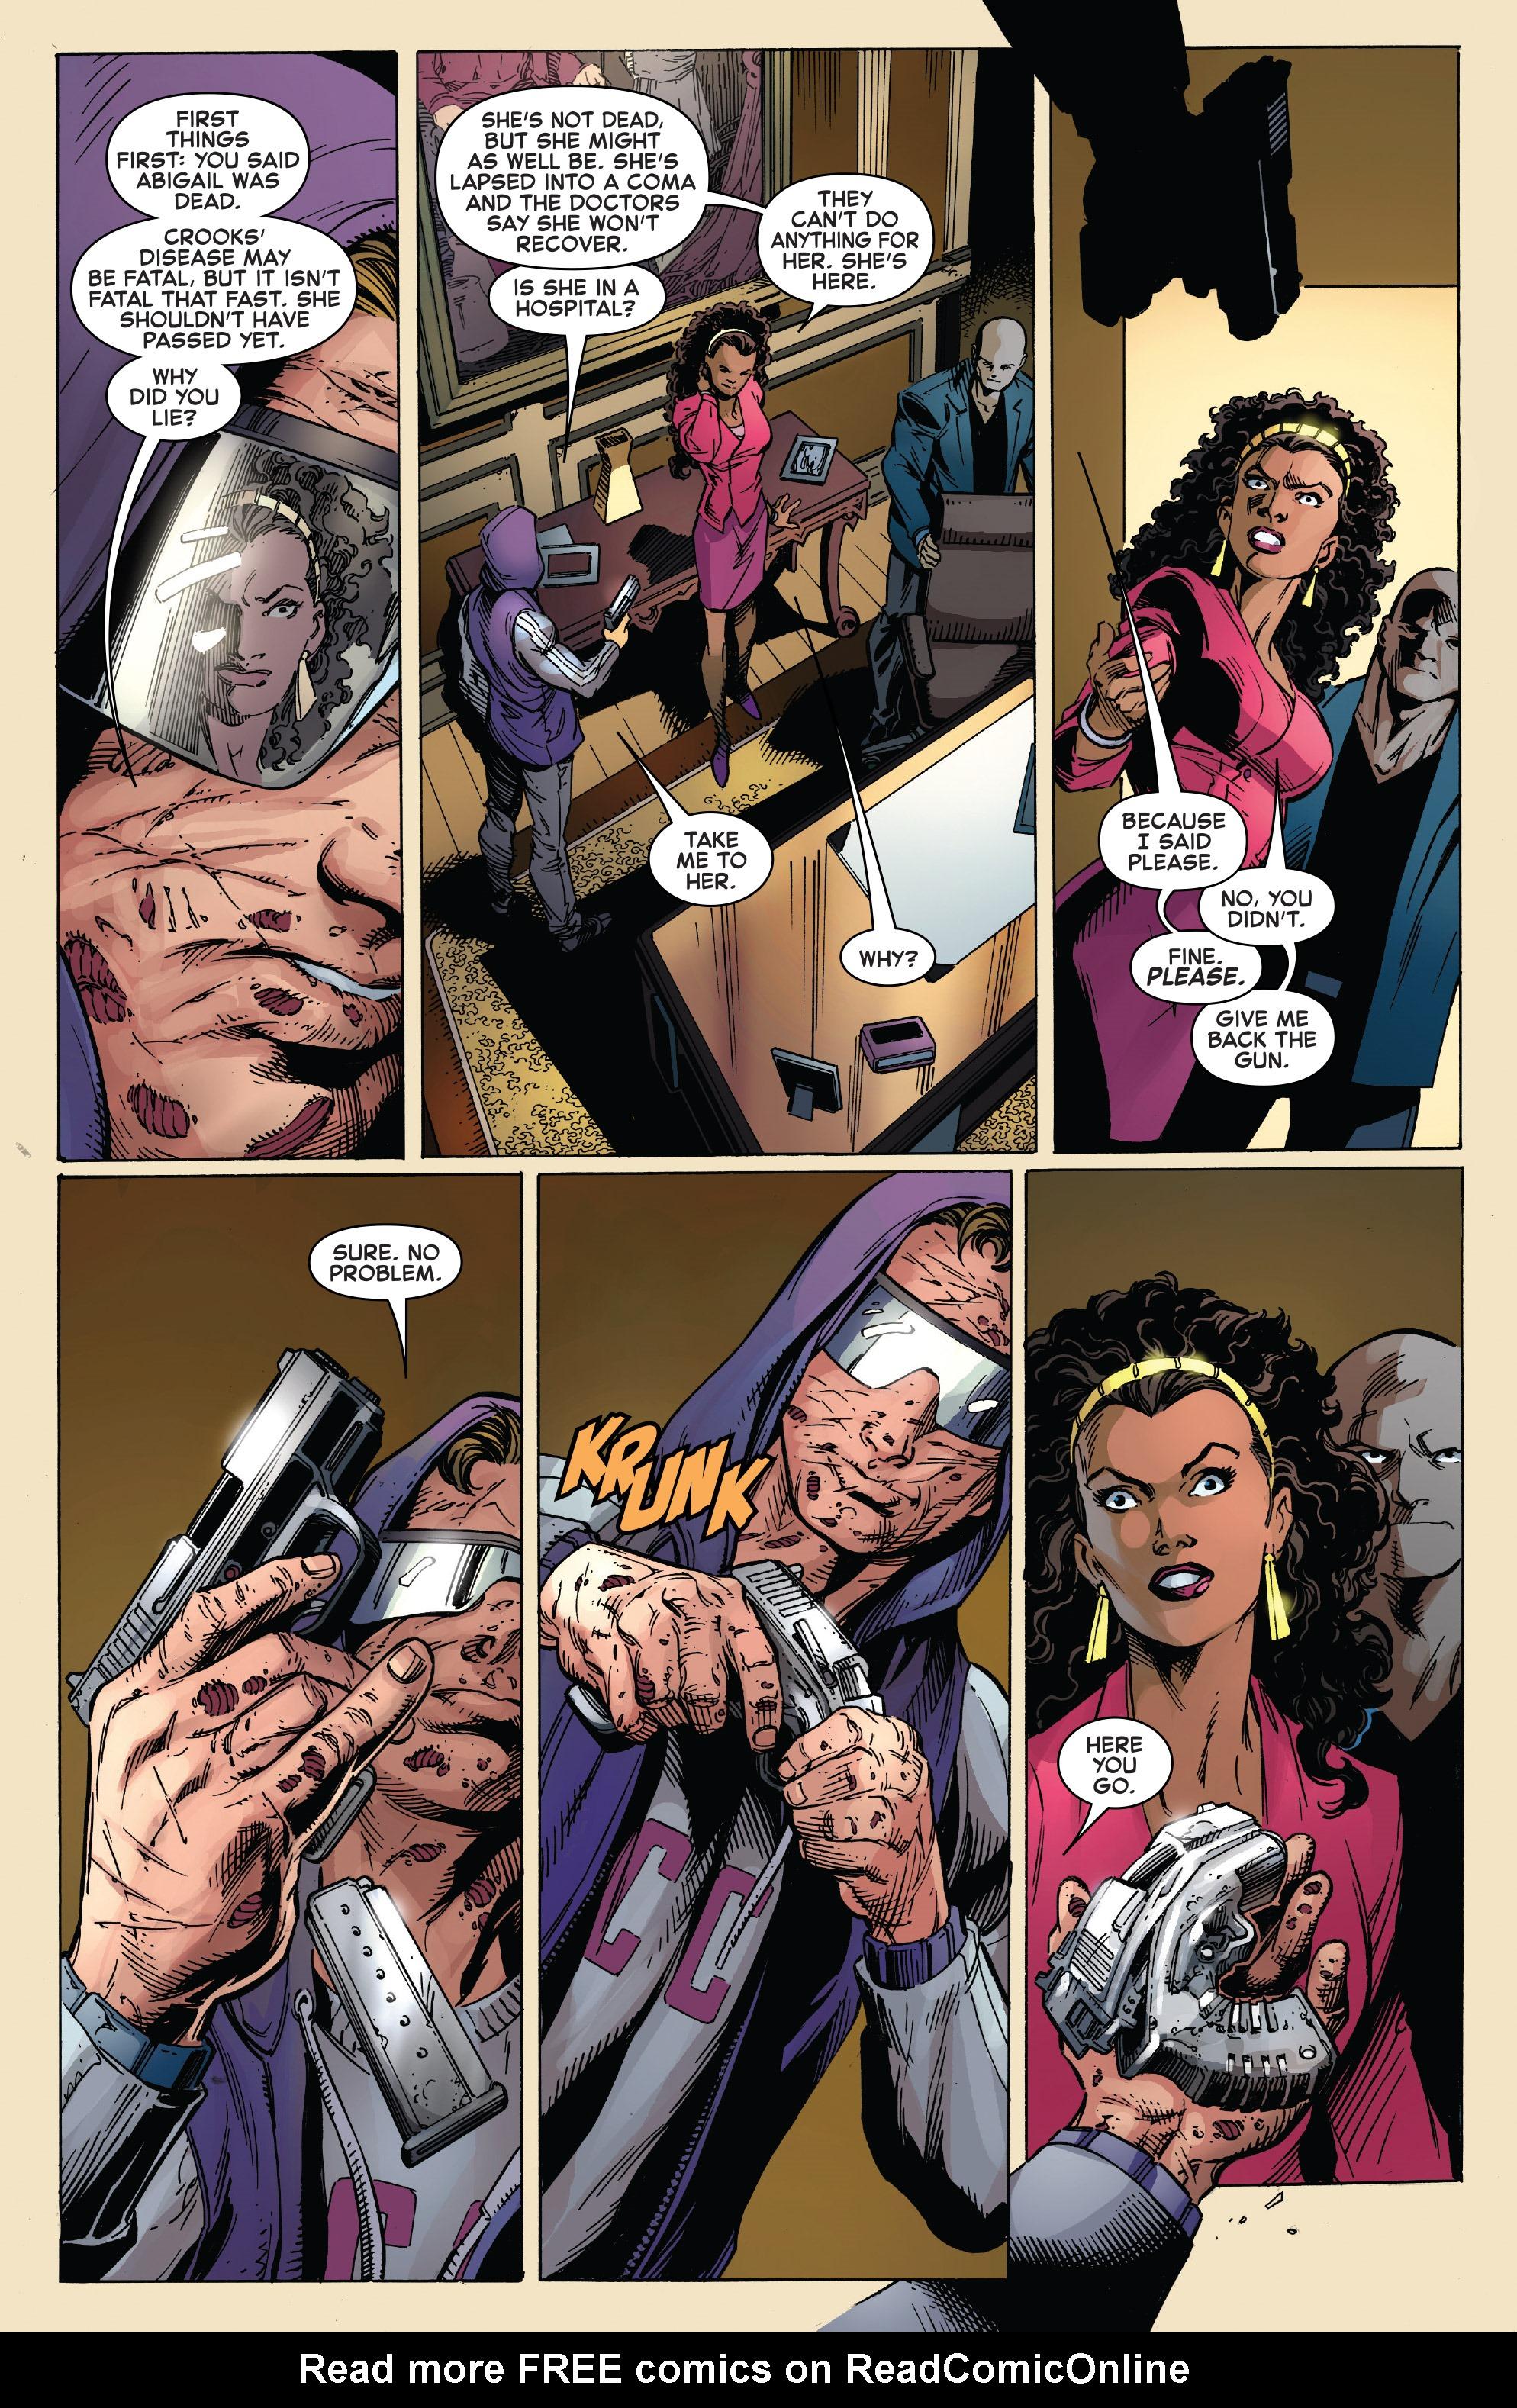 Read online Ben Reilly: Scarlet Spider comic -  Issue #2 - 5